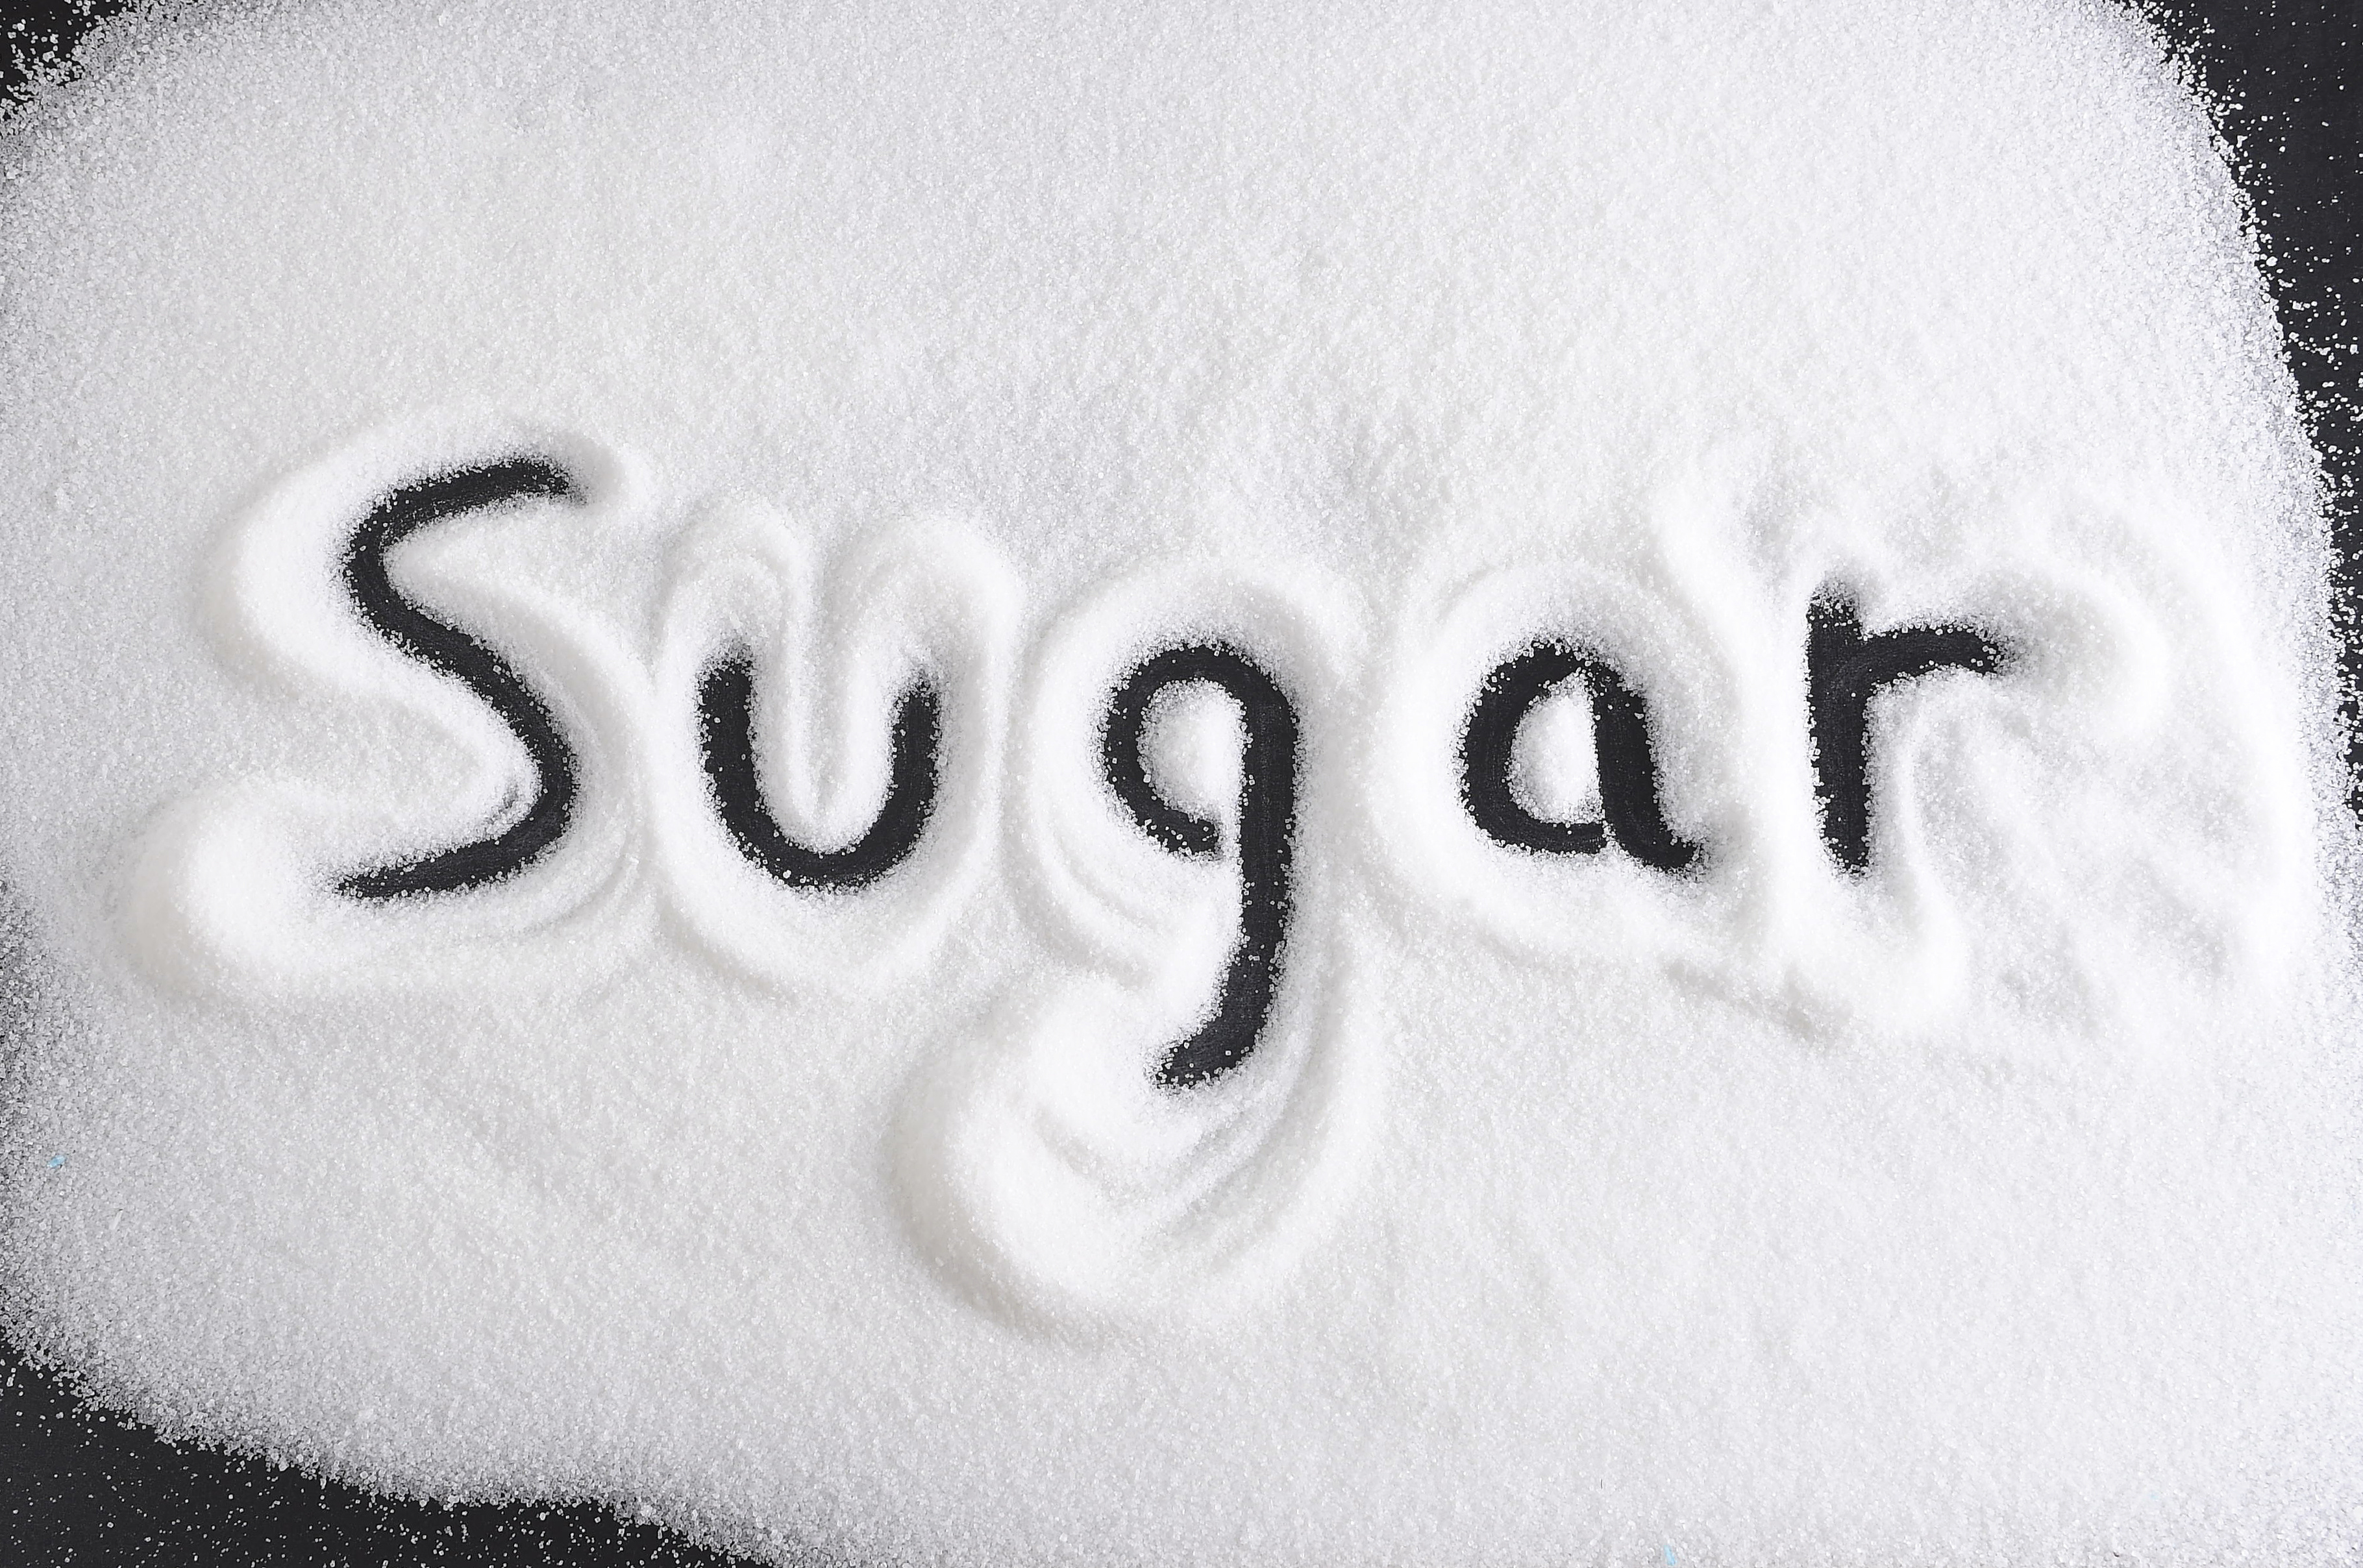 Productnieuws: Infokicks over suiker en verslaving